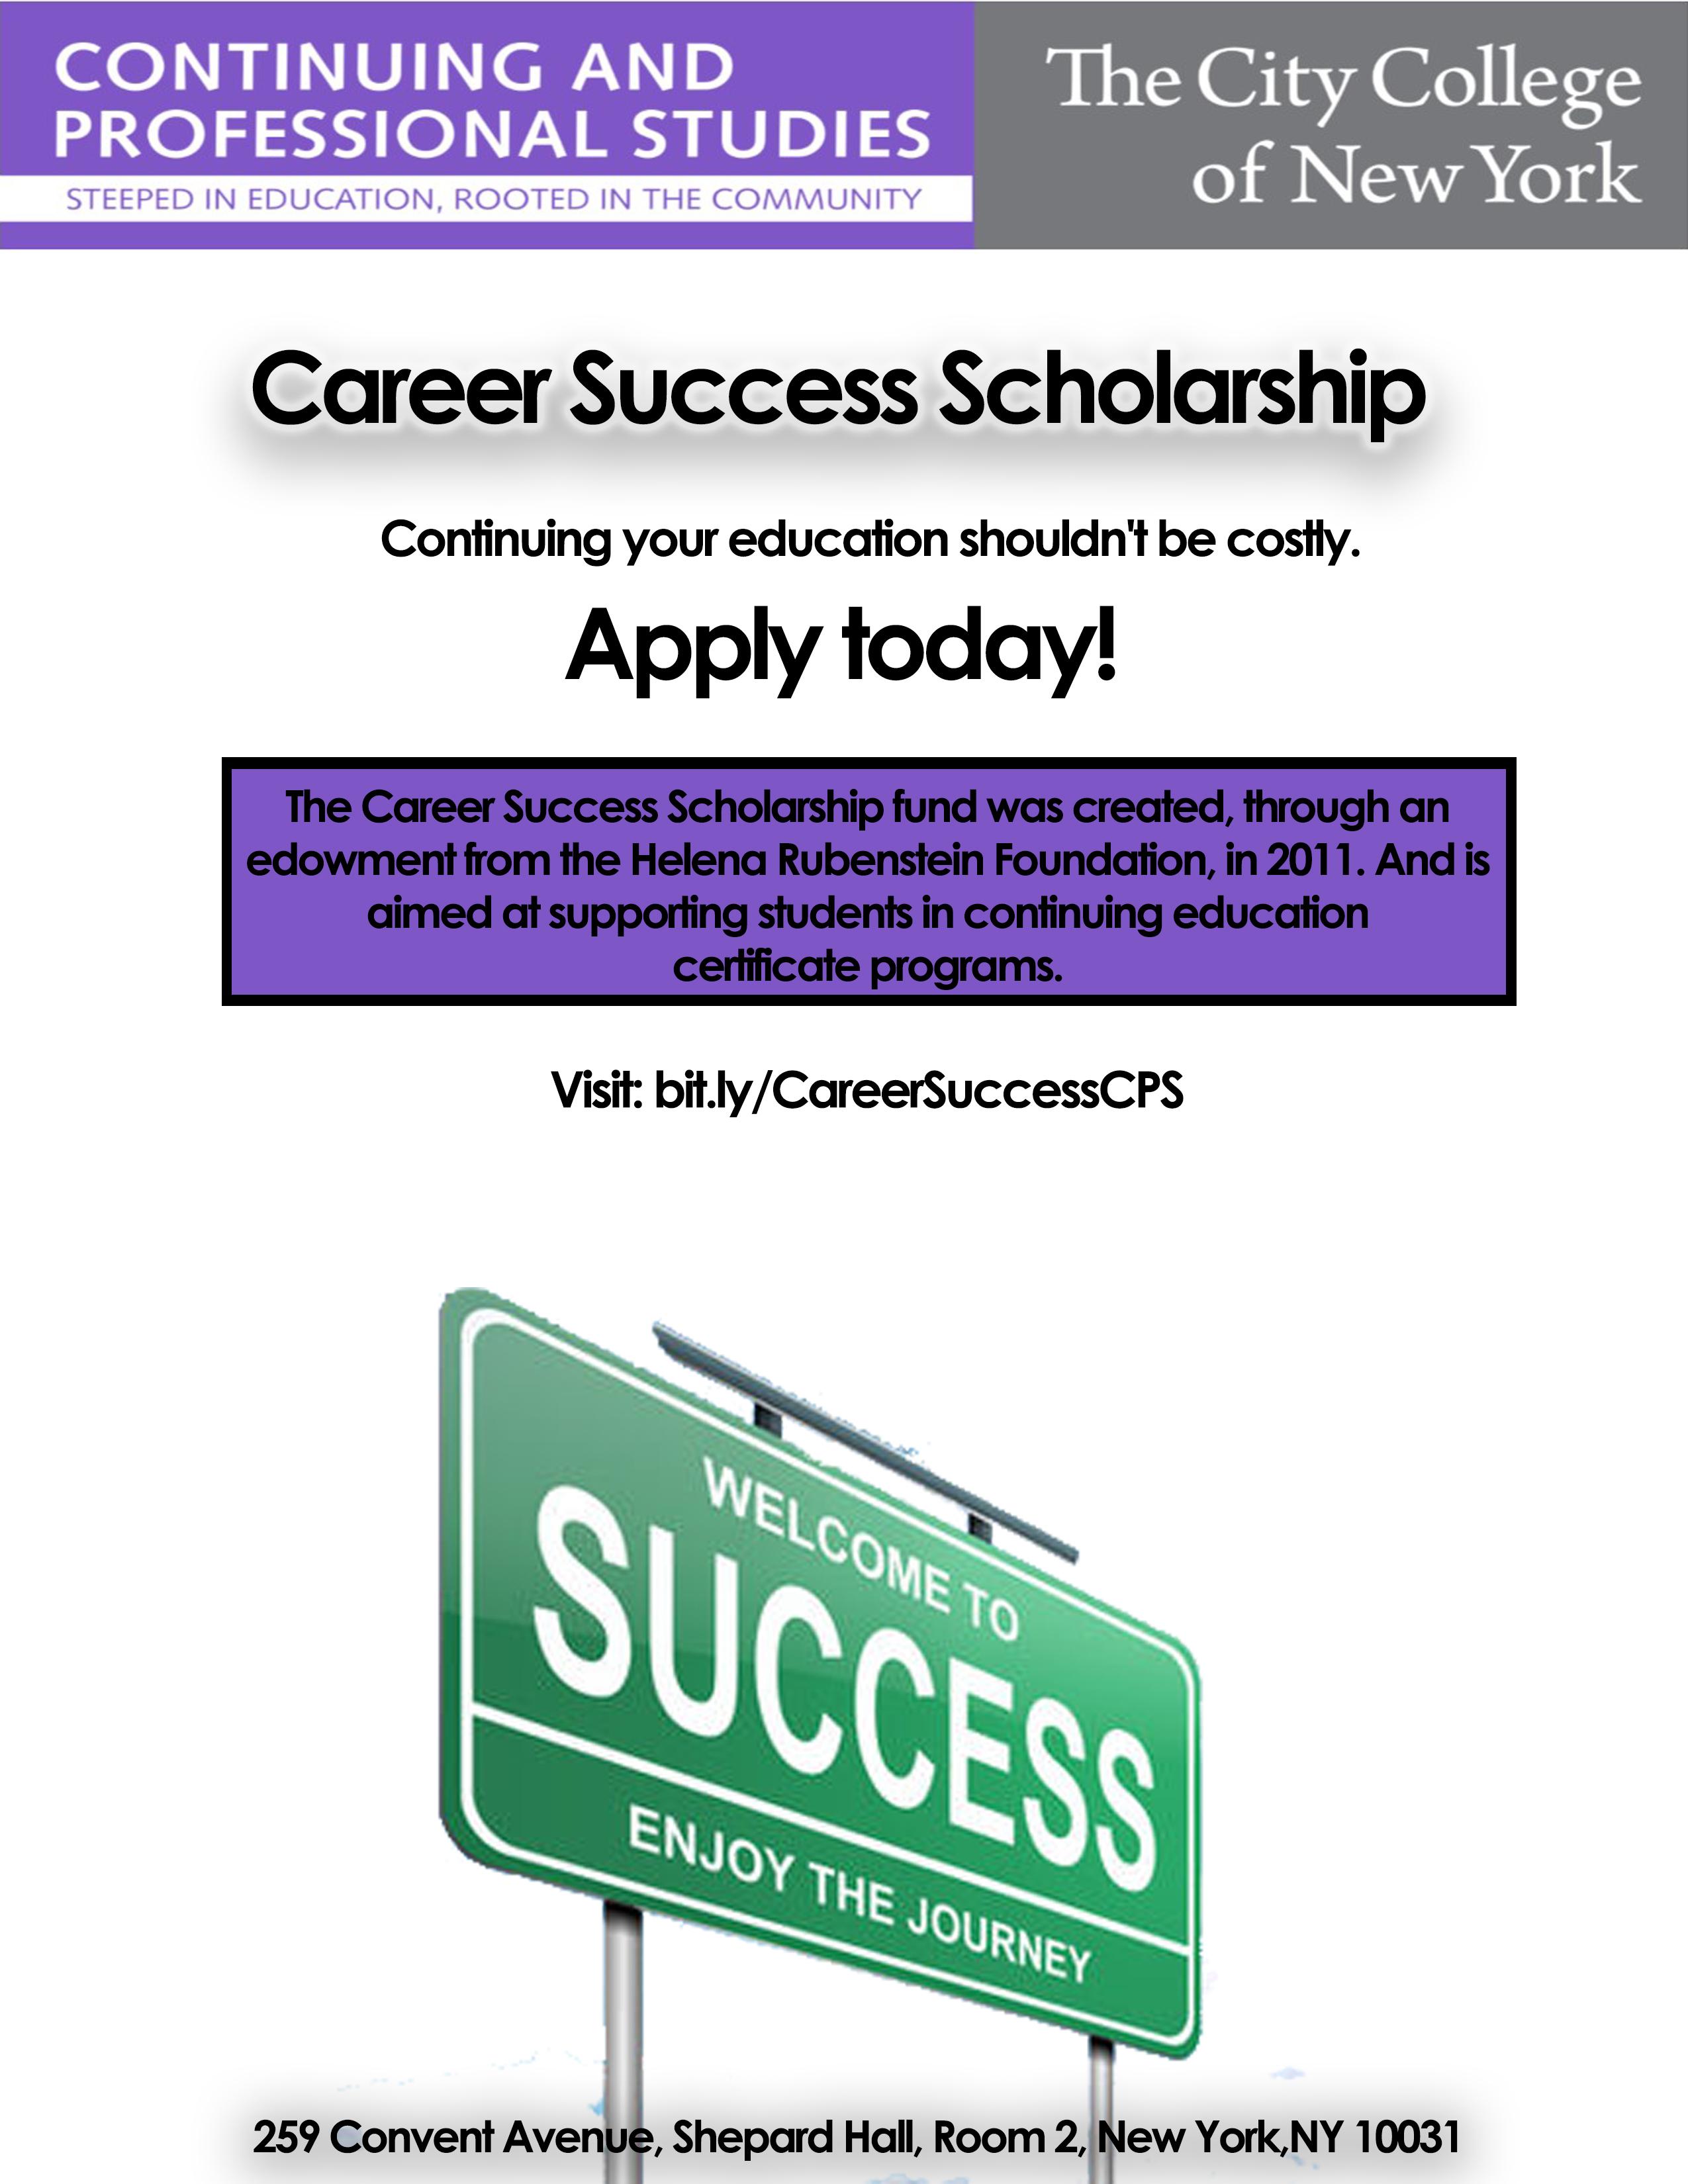 Career Success Scholarship